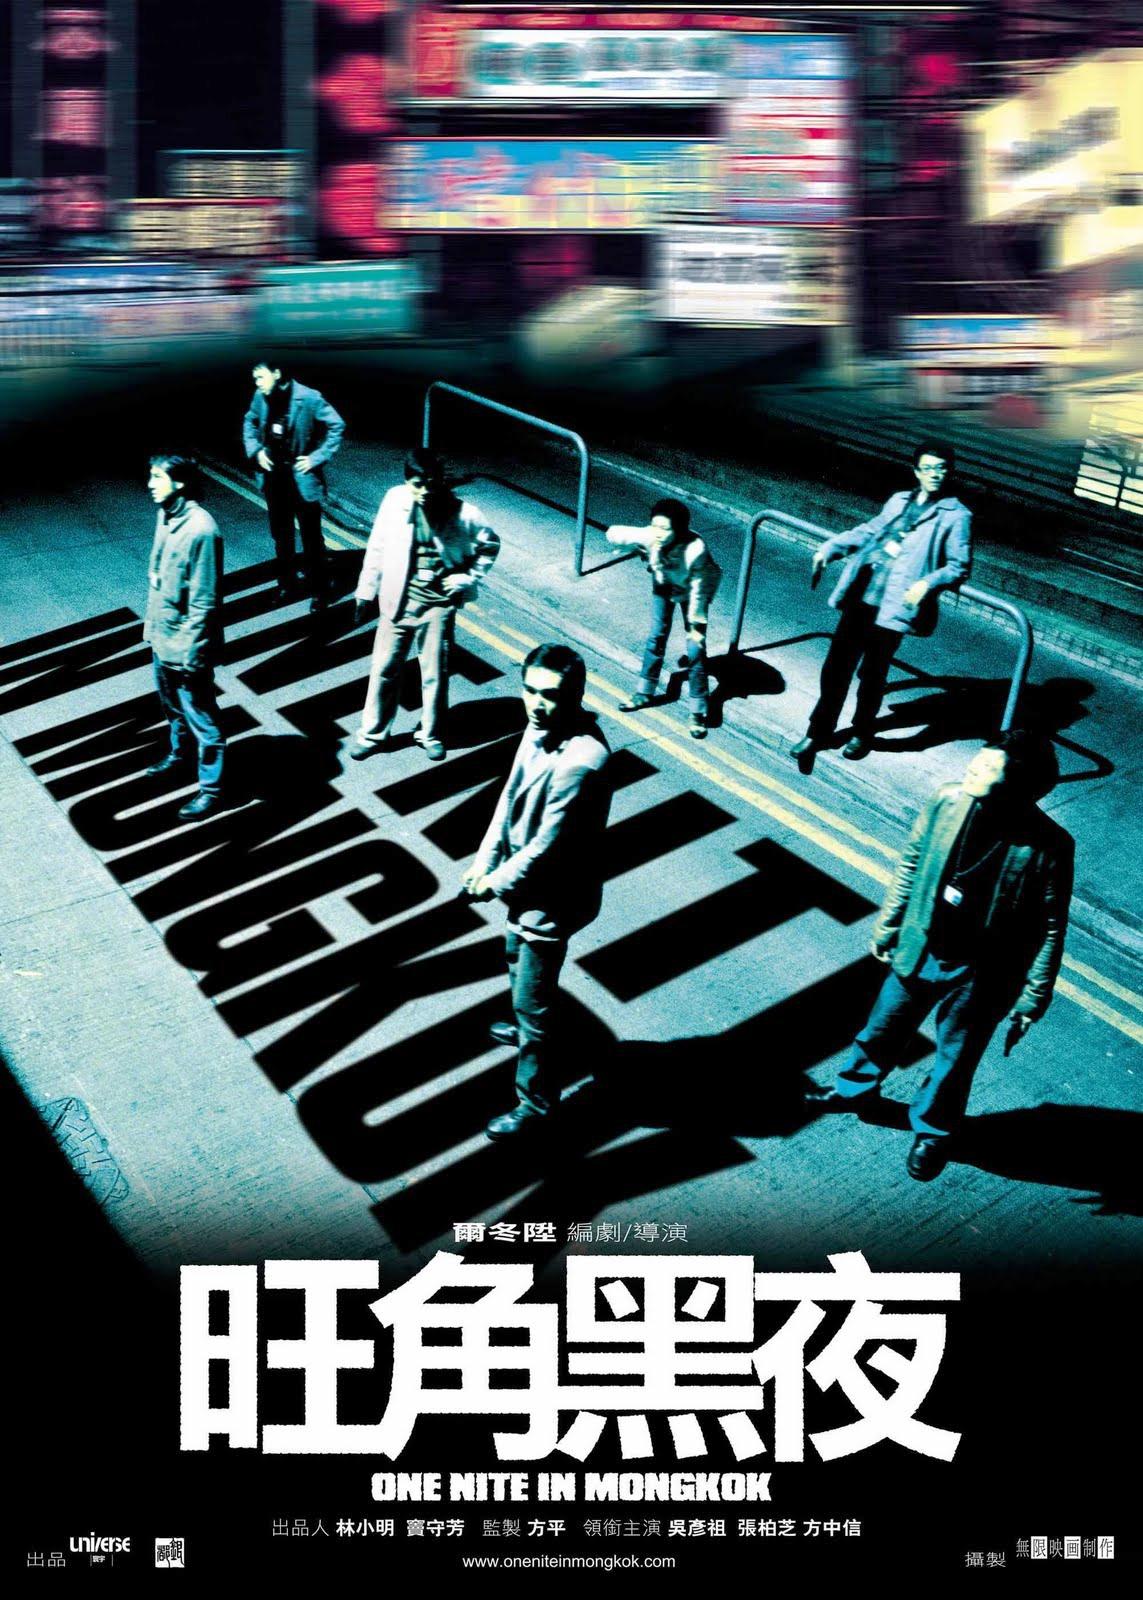 ดูหนังออนไลน์ Wong Gok hak yeh (2004)